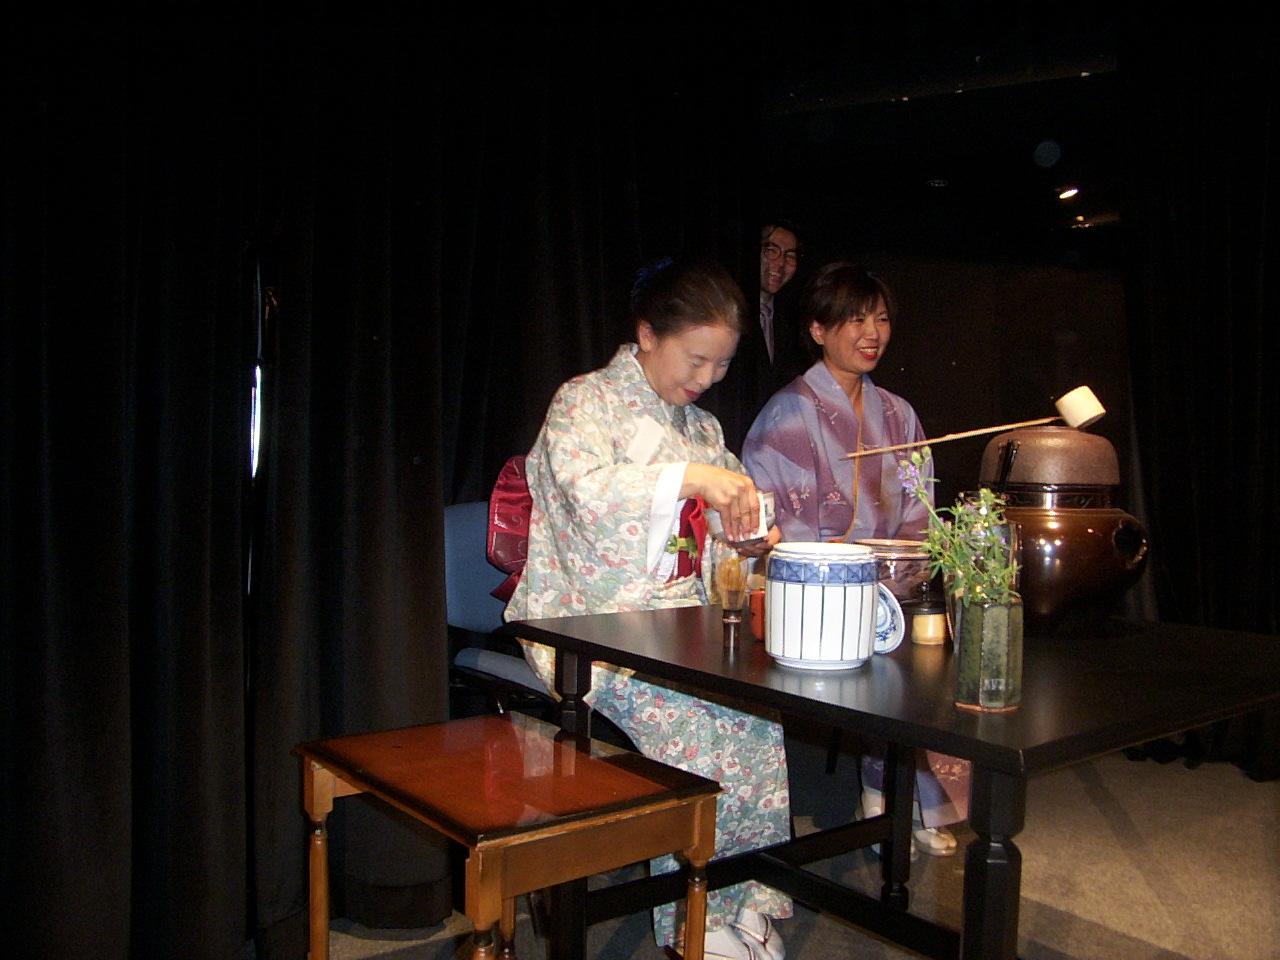 Origami & İkebana & Geleneksel Çay gösterisi